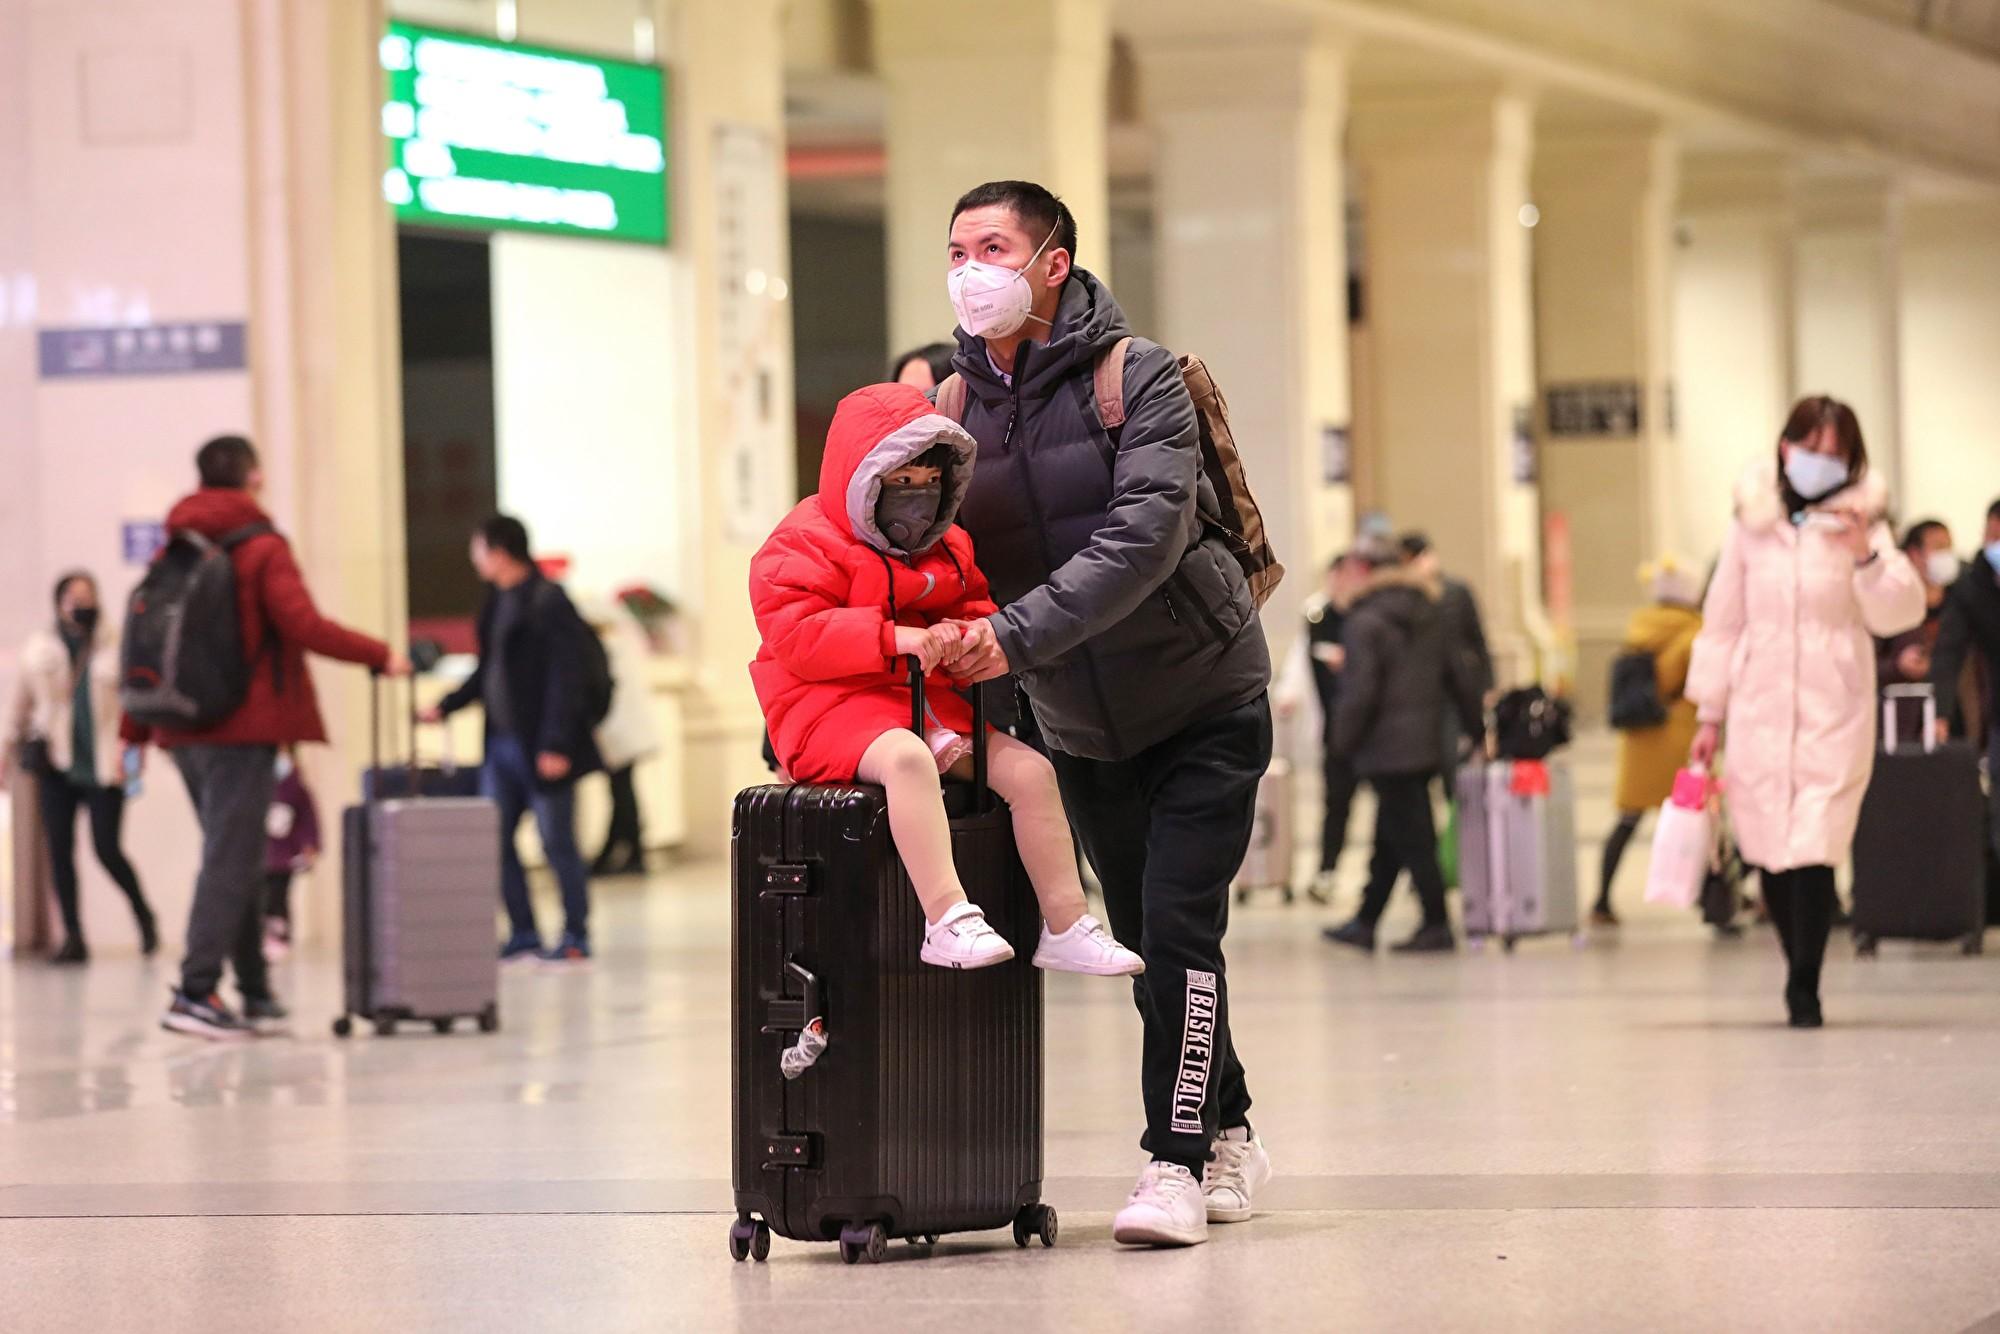 武漢疫情失控市民逃亡 低燒咳嗽者抵達法國